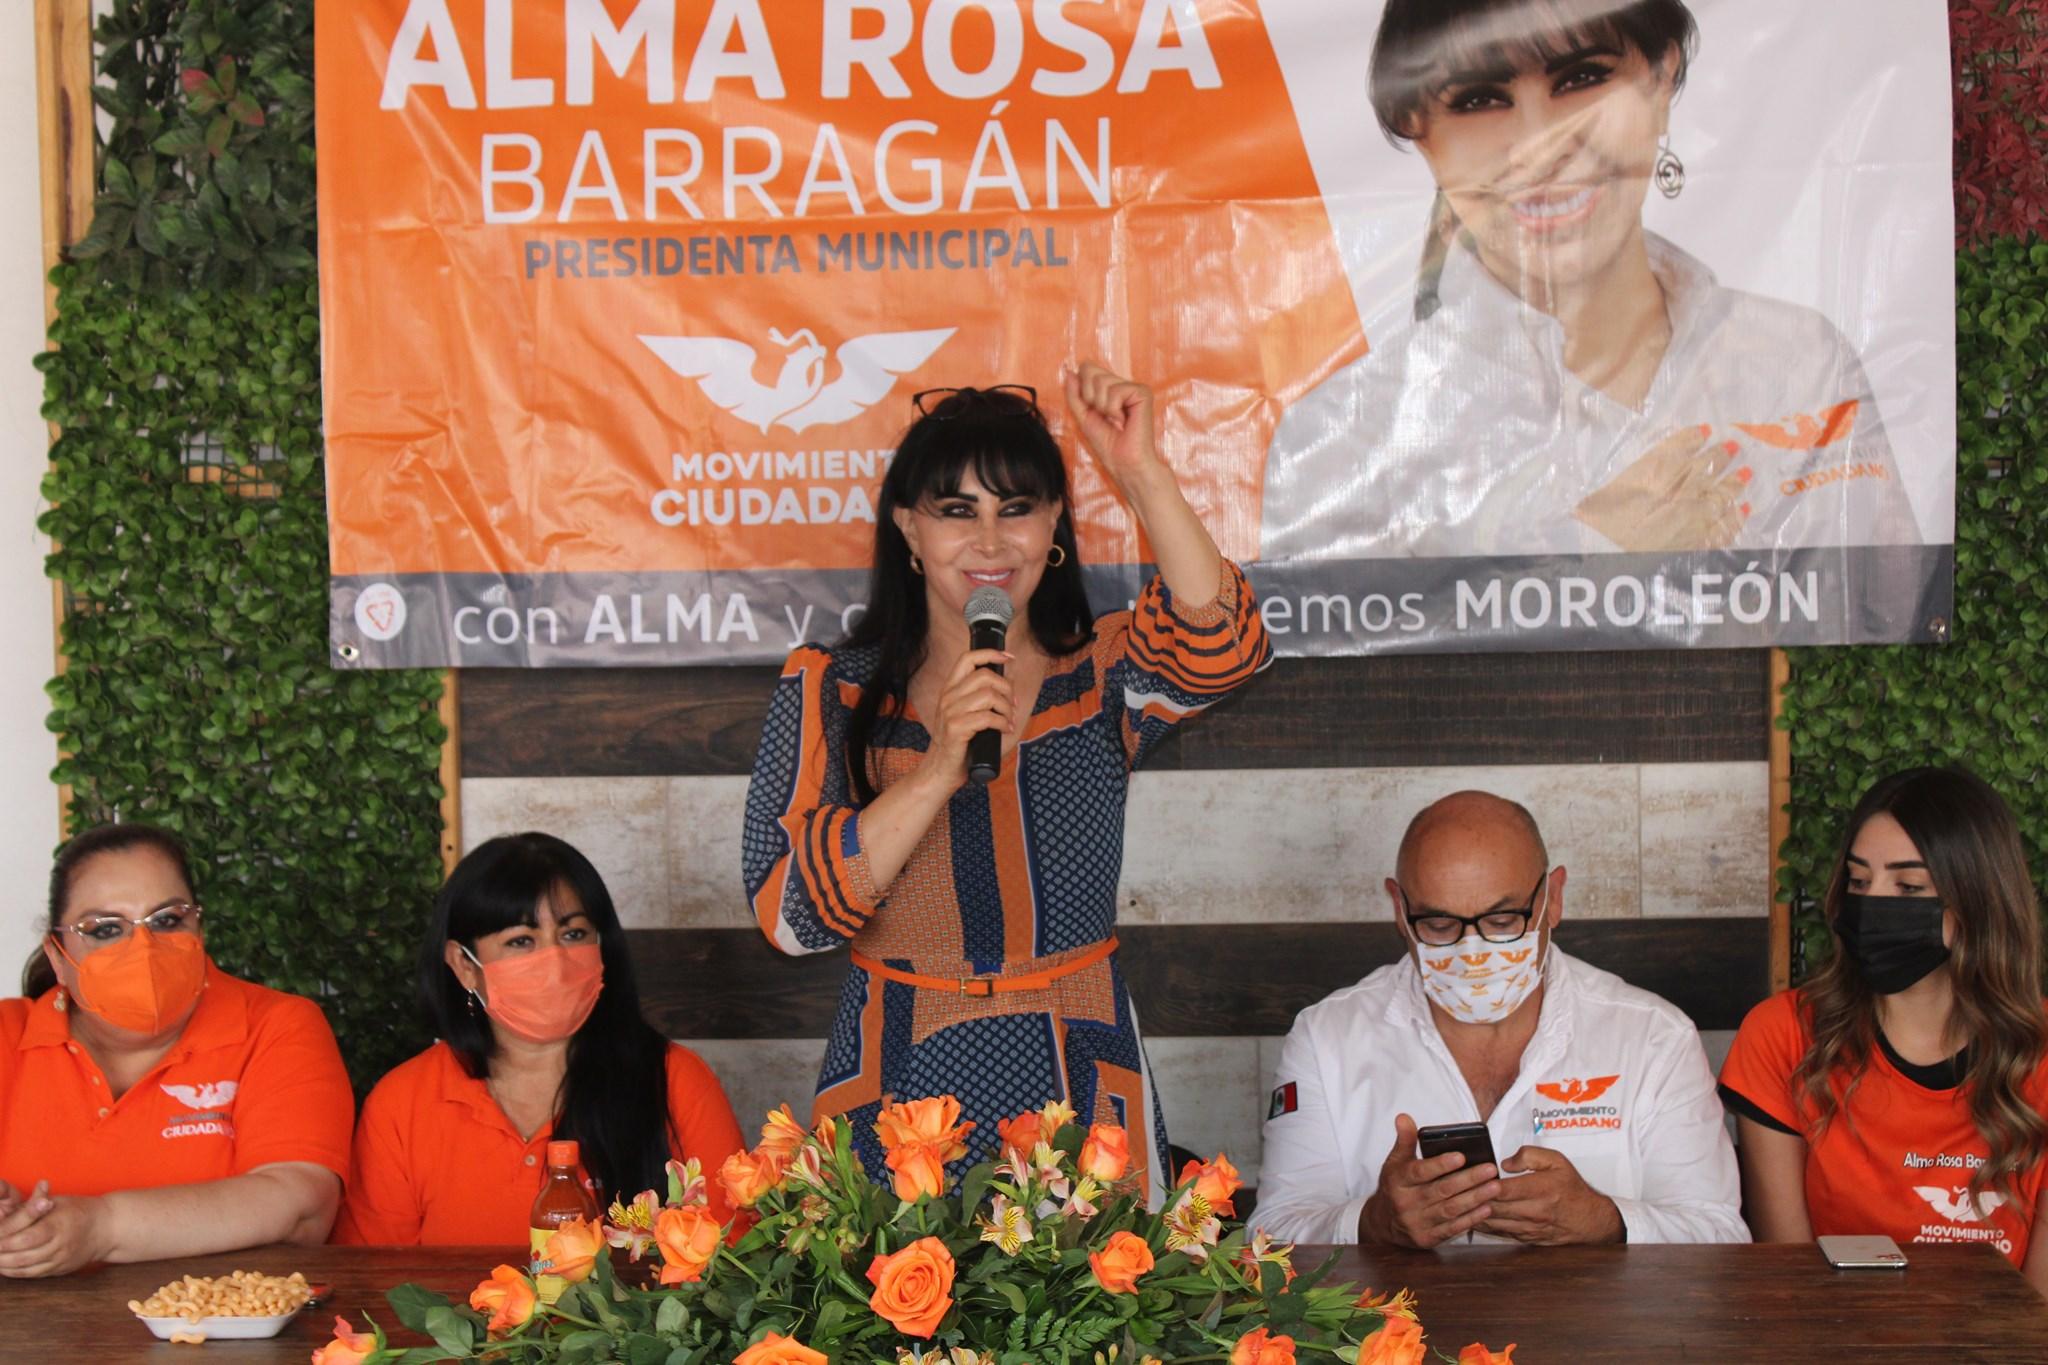 Asesinato de candidata de MC en Moroleón no debe quedar impune: PAN